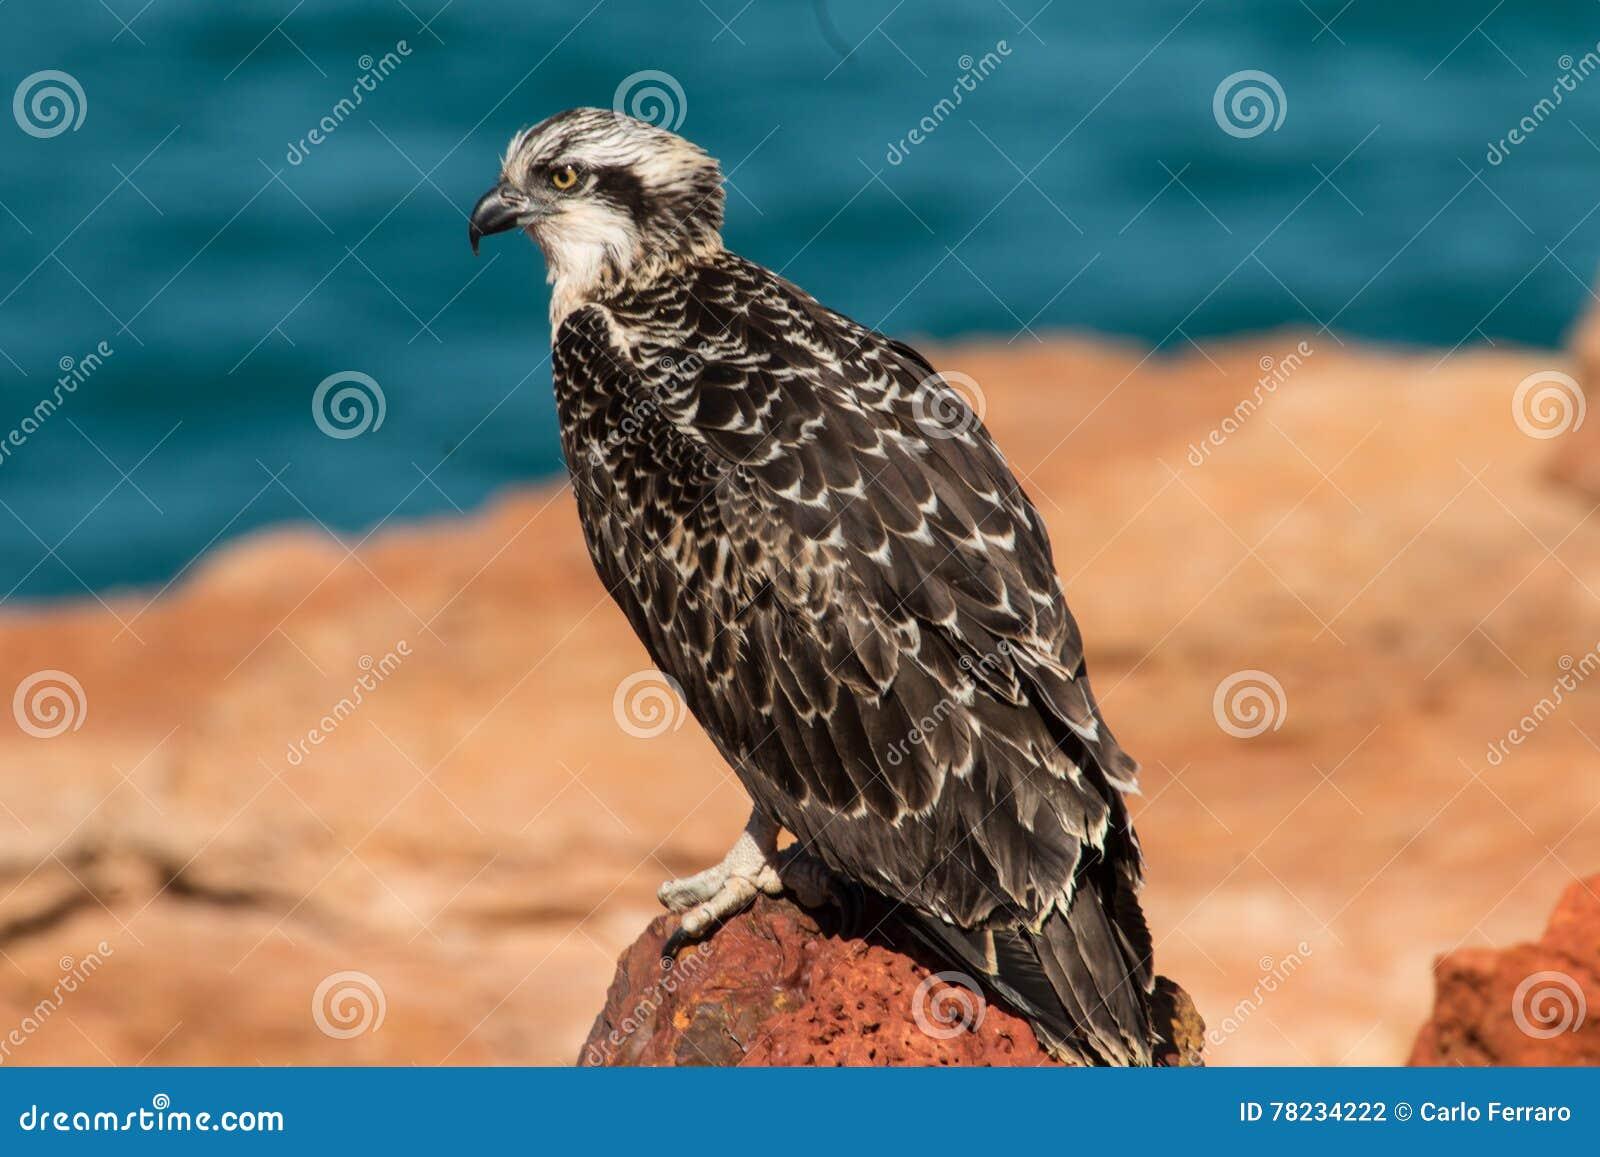 fabriek authentiek nieuwe afbeeldingen van bespaar tot 80% Eastern Osprey stock photo. Image of wildlife, bird, hawk ...